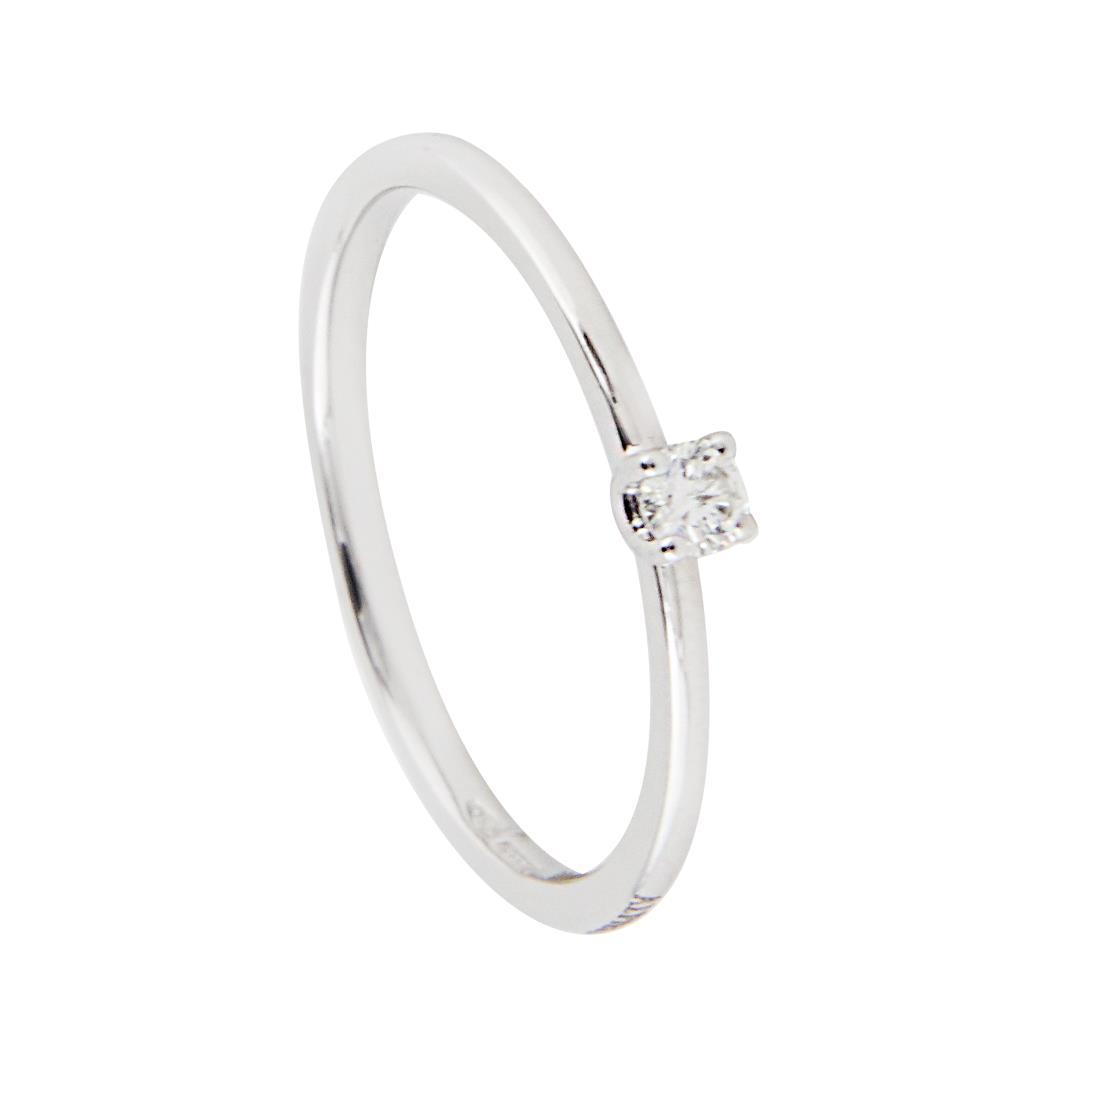 Anello solitario in oro bianco con diamante mis 14 - ALFIERI ST JOHN